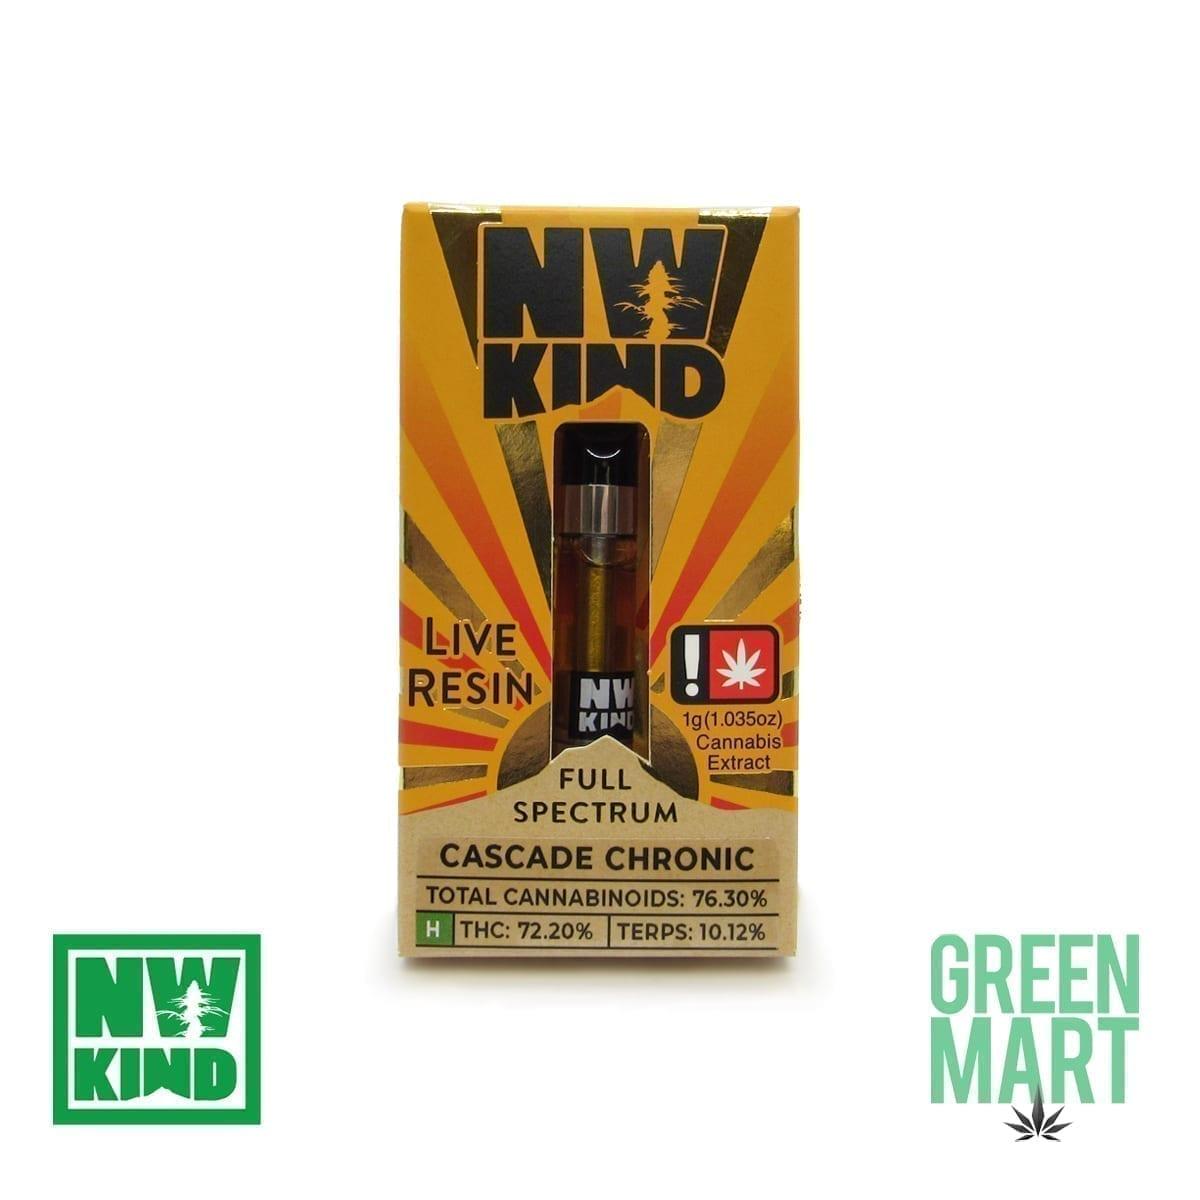 NW Kind Distillate Cartridge - Cascade Chronic